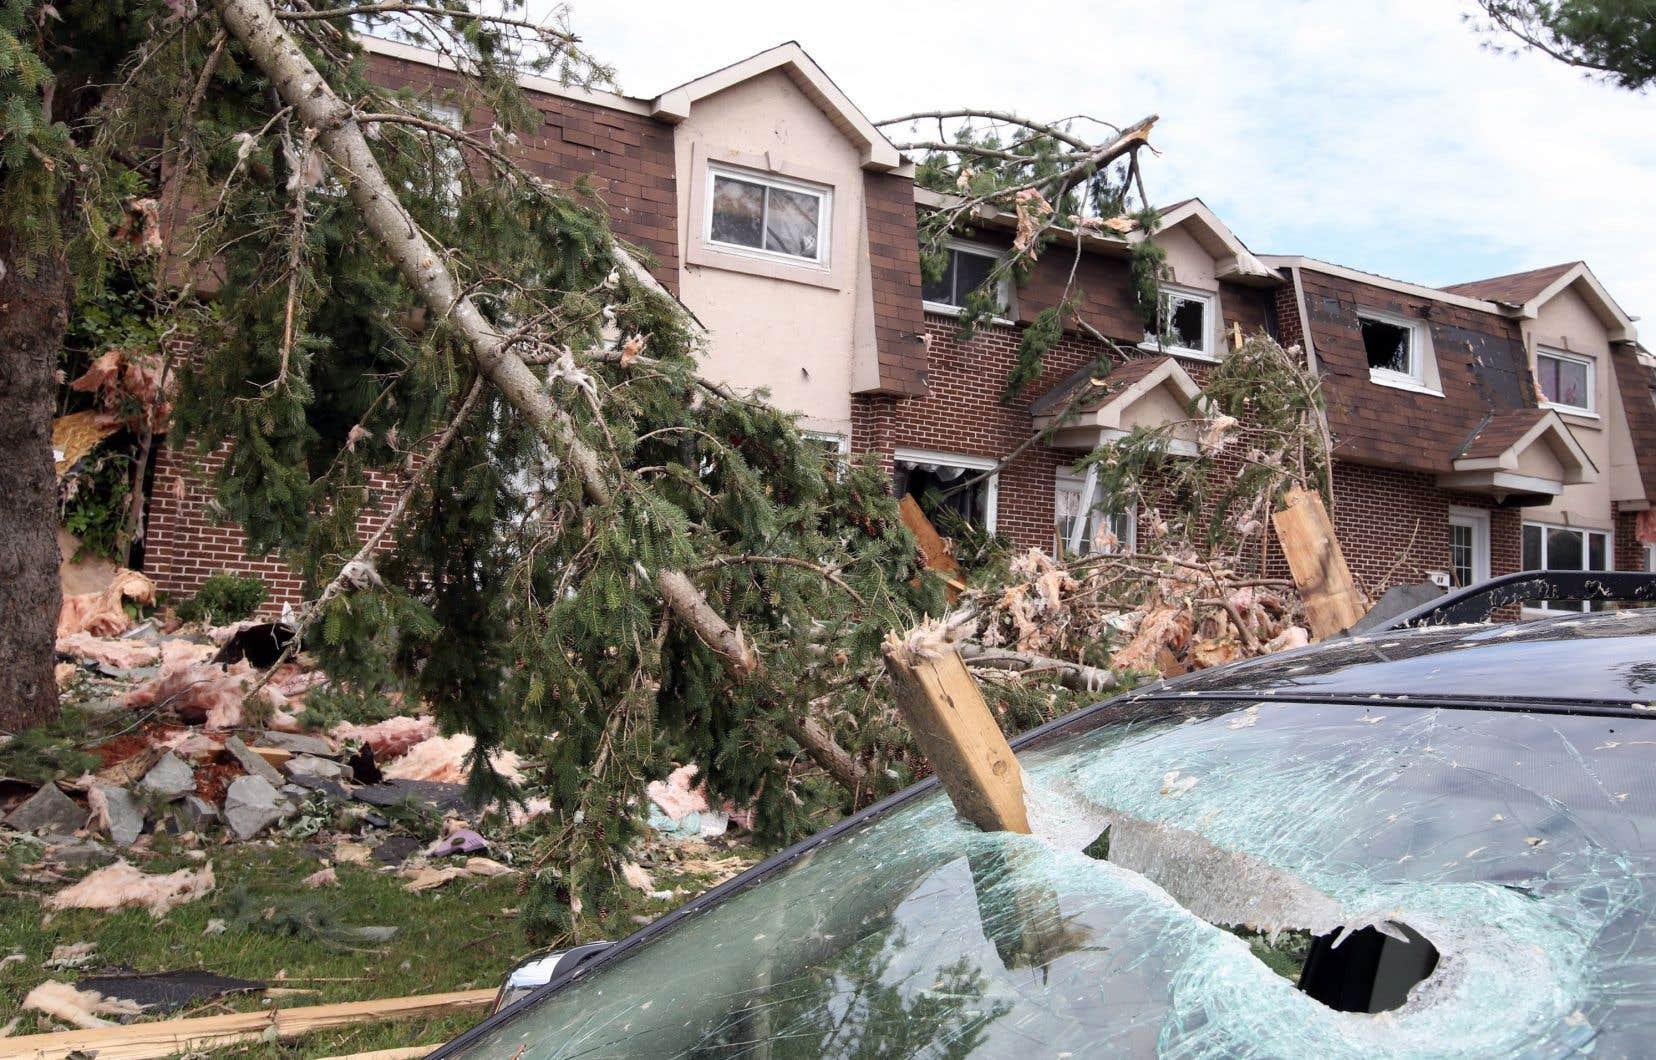 D'après les autorités, entre 600 et 1000 ménages ne pourront retourner vivre dans leur logement, considérablement endommagé voire totalement détruit par les tornades.